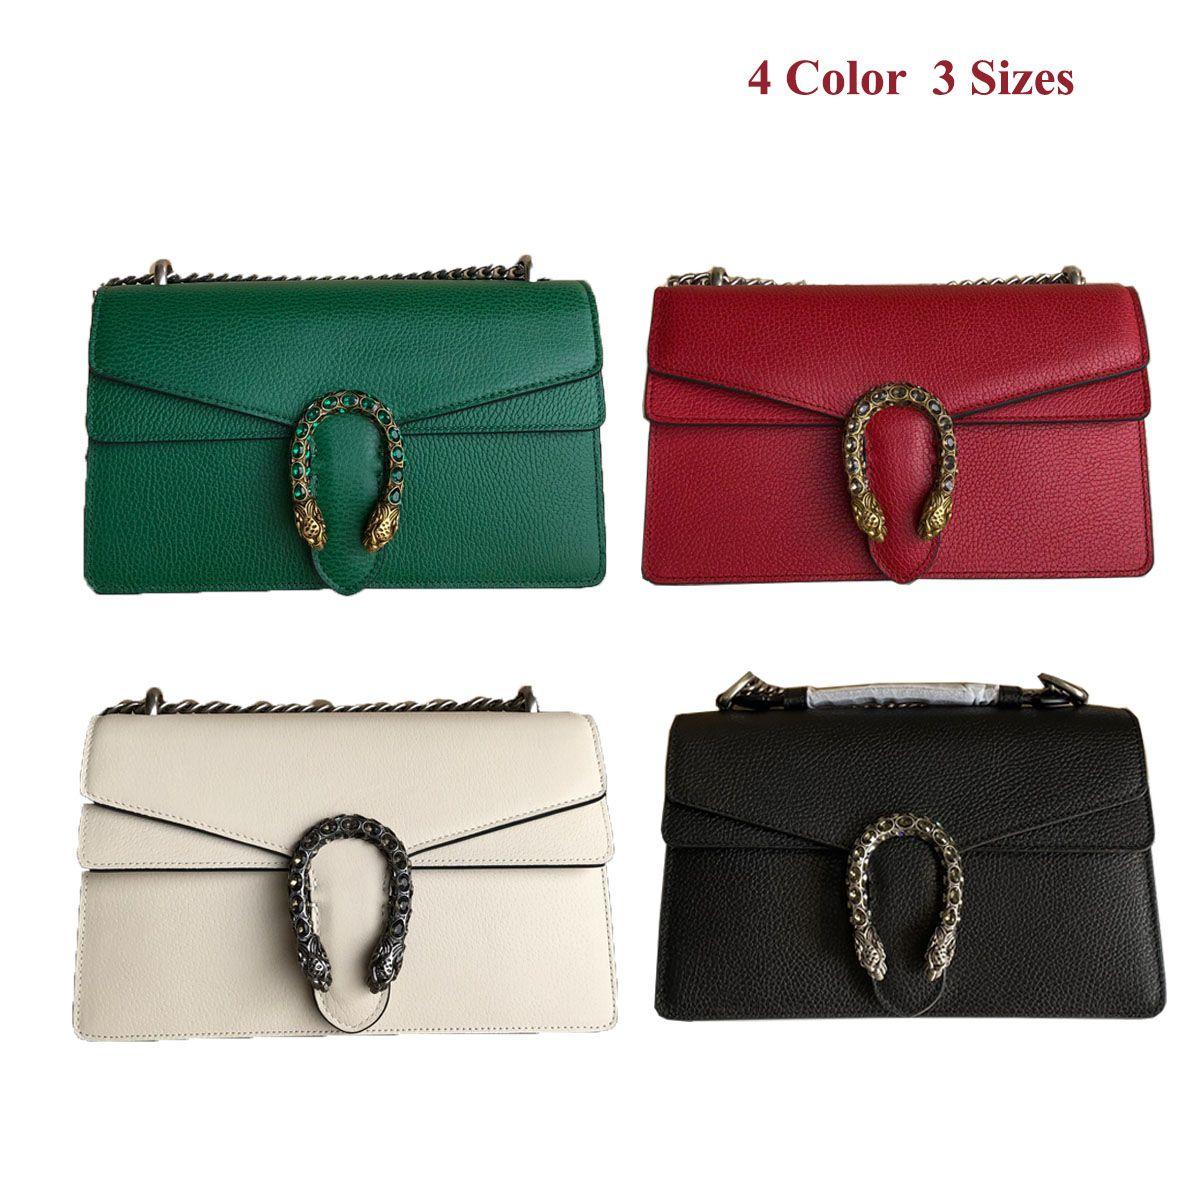 2021 luxurys designers sacs de luxe shaber sac sac à sac à main en cuir femme